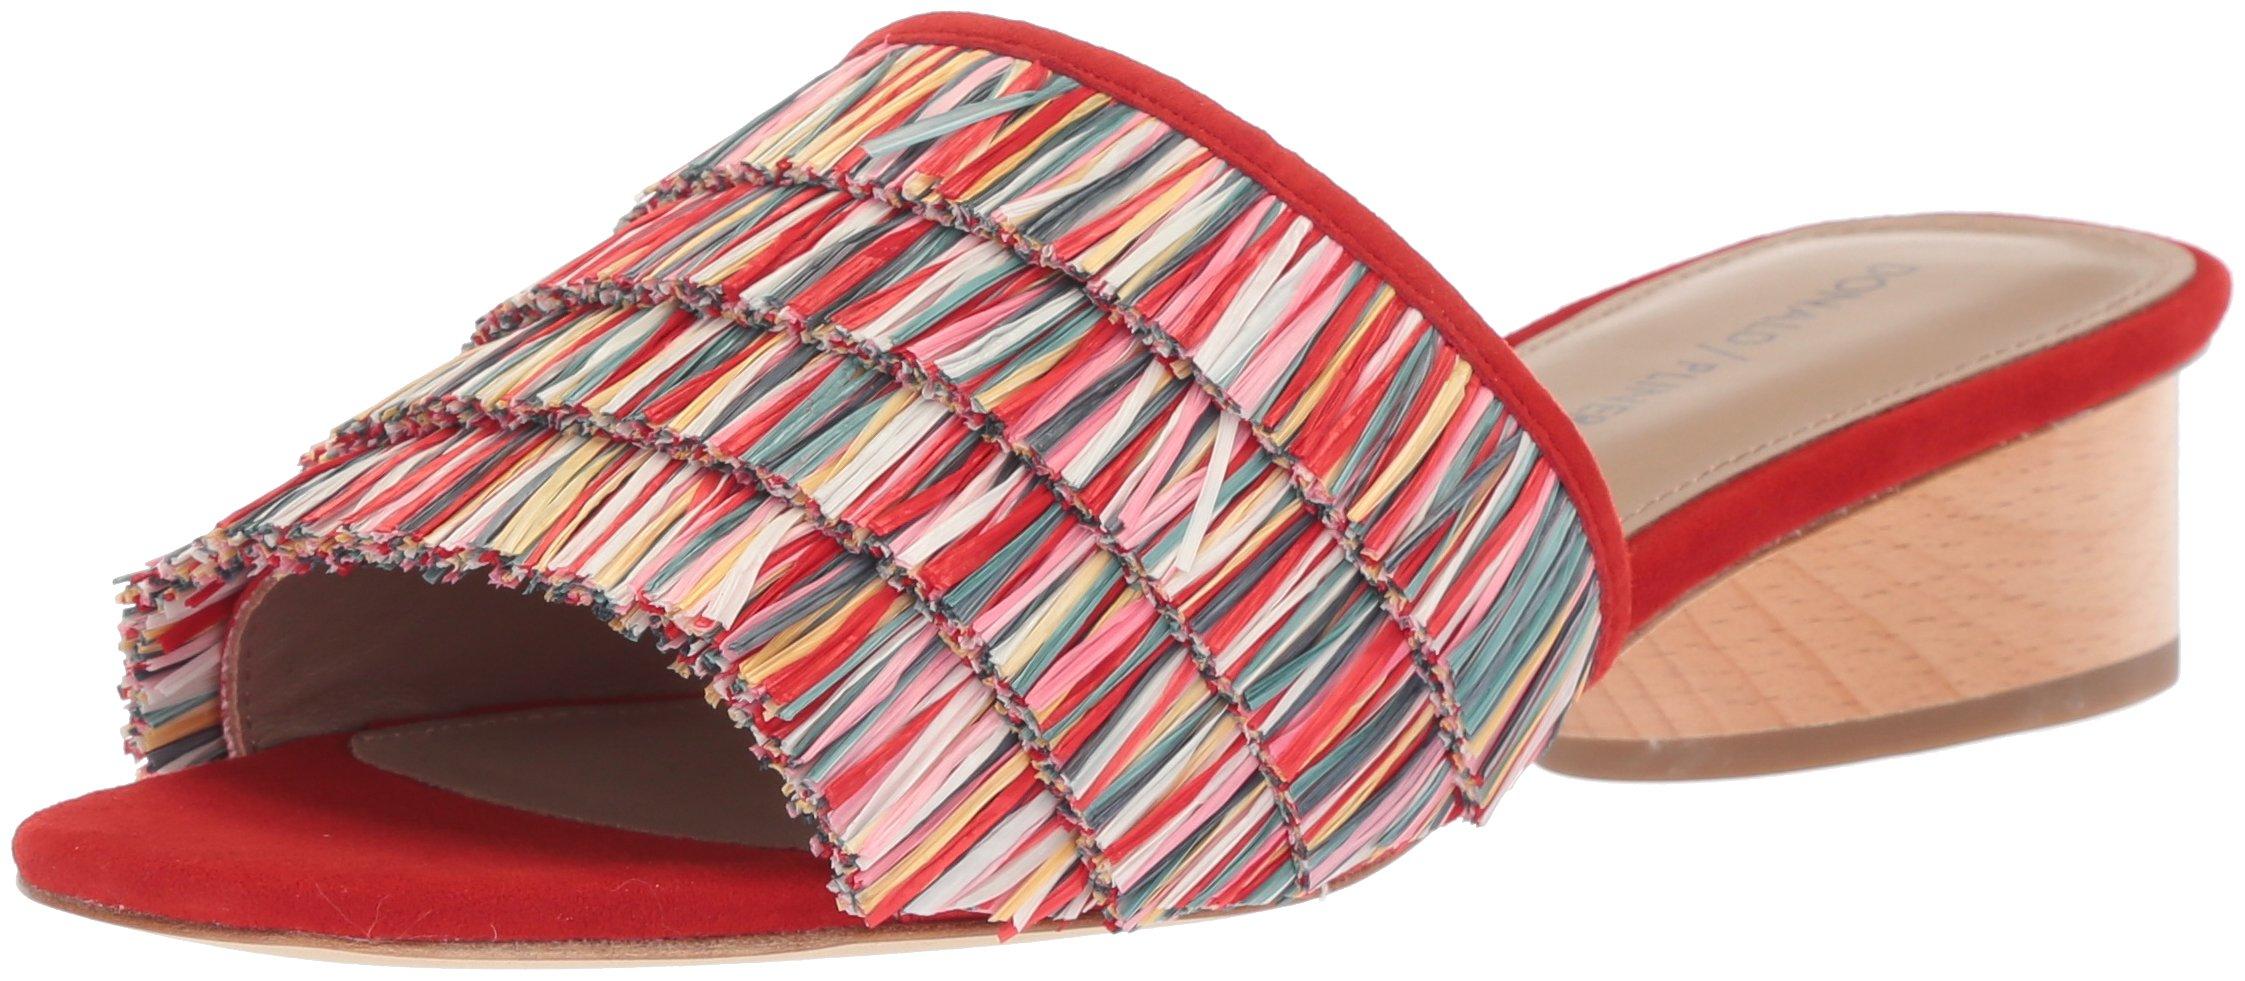 Donald J Pliner Women's Reise Slide Sandal, Red/Multi, 9 Medium US